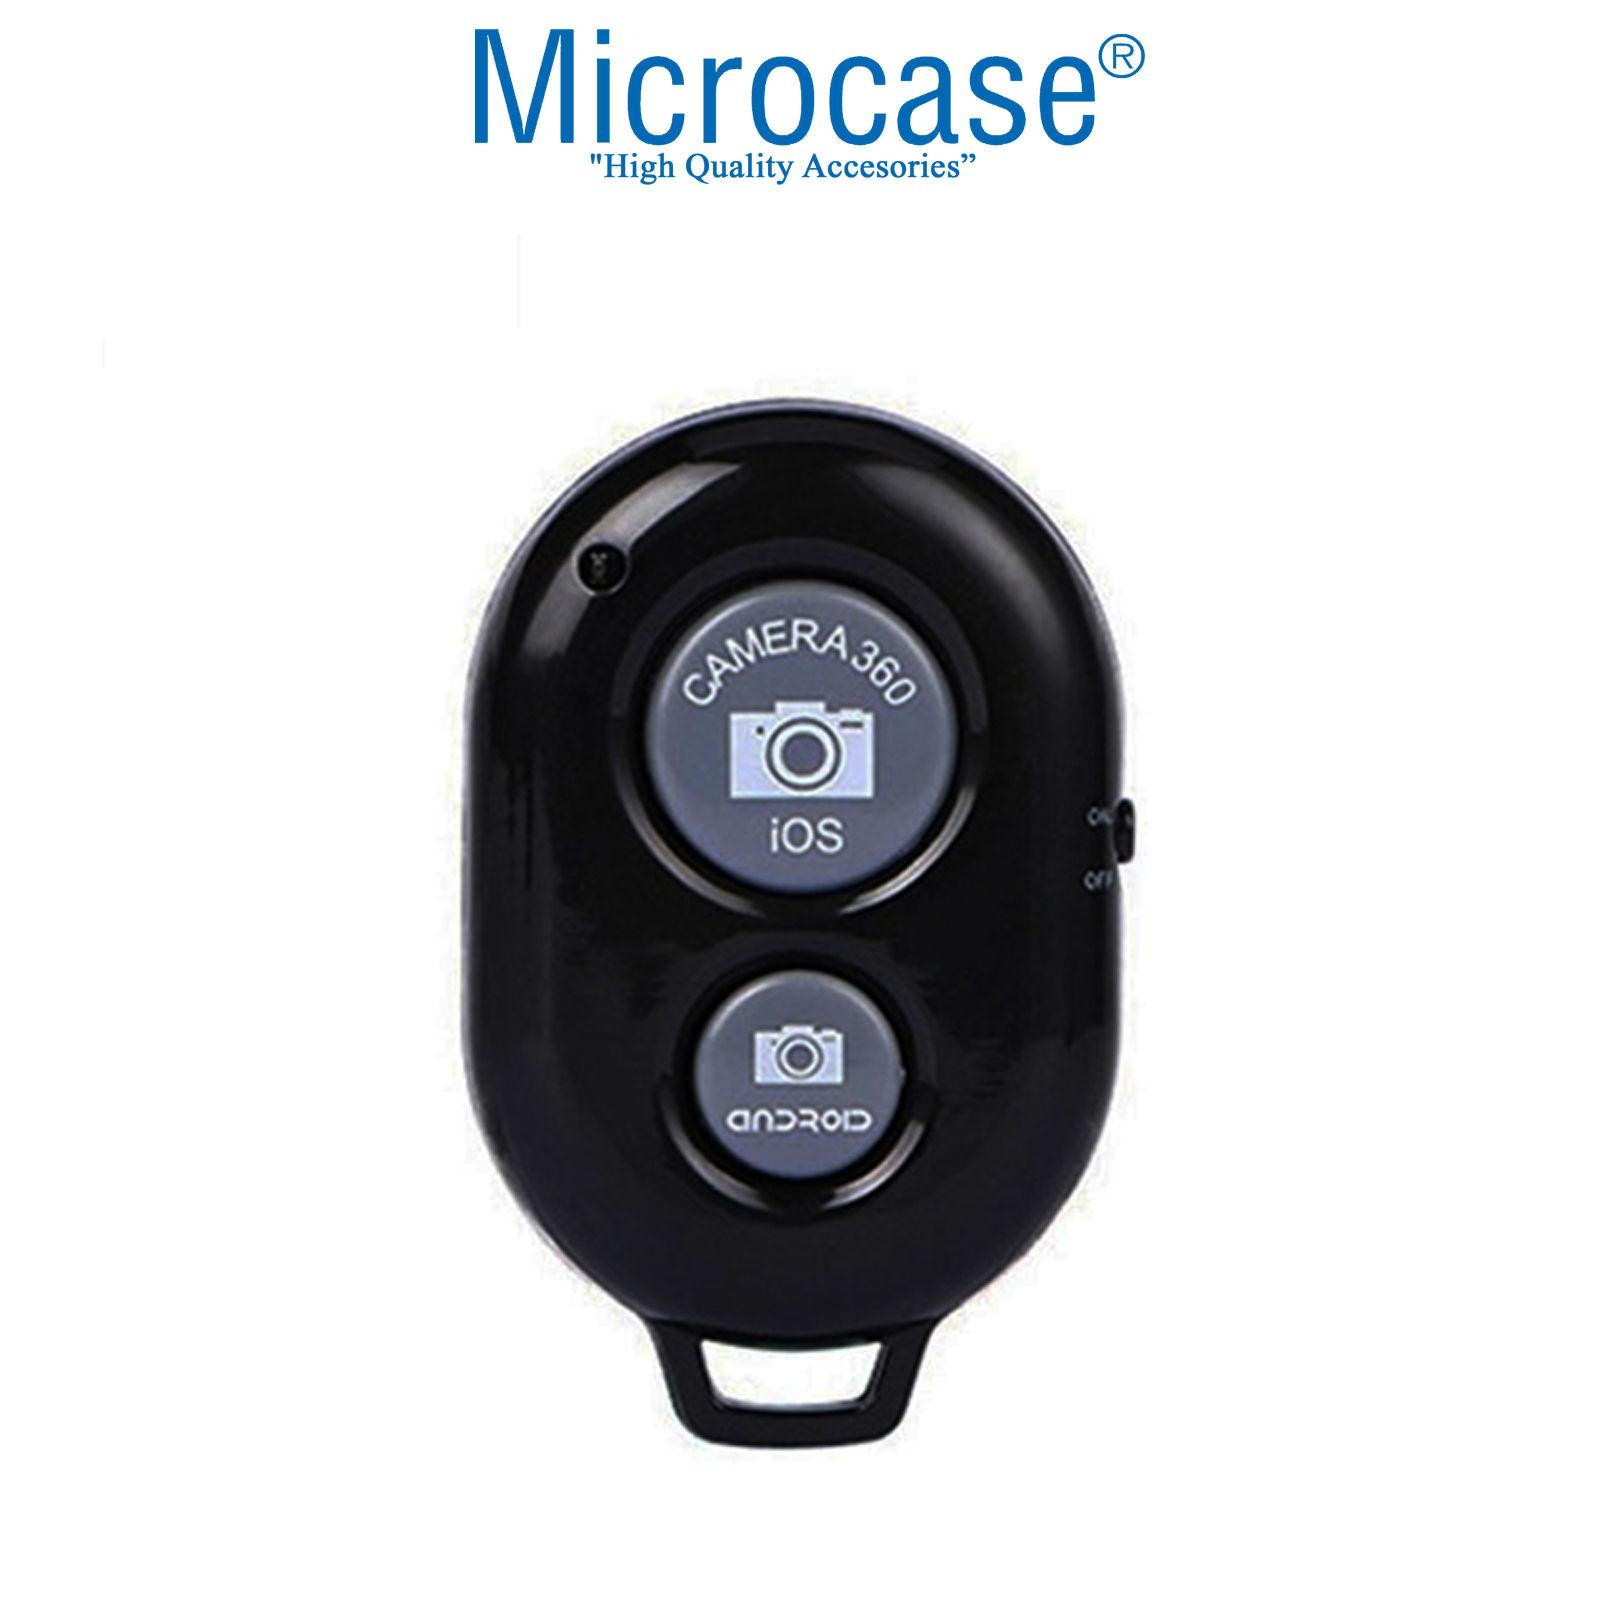 Microcase Tripod ve Selfie Çubuğu için Bluetoothlu Uzaktan Fotoğraf Çekim Kumandası Siyah - AL2638